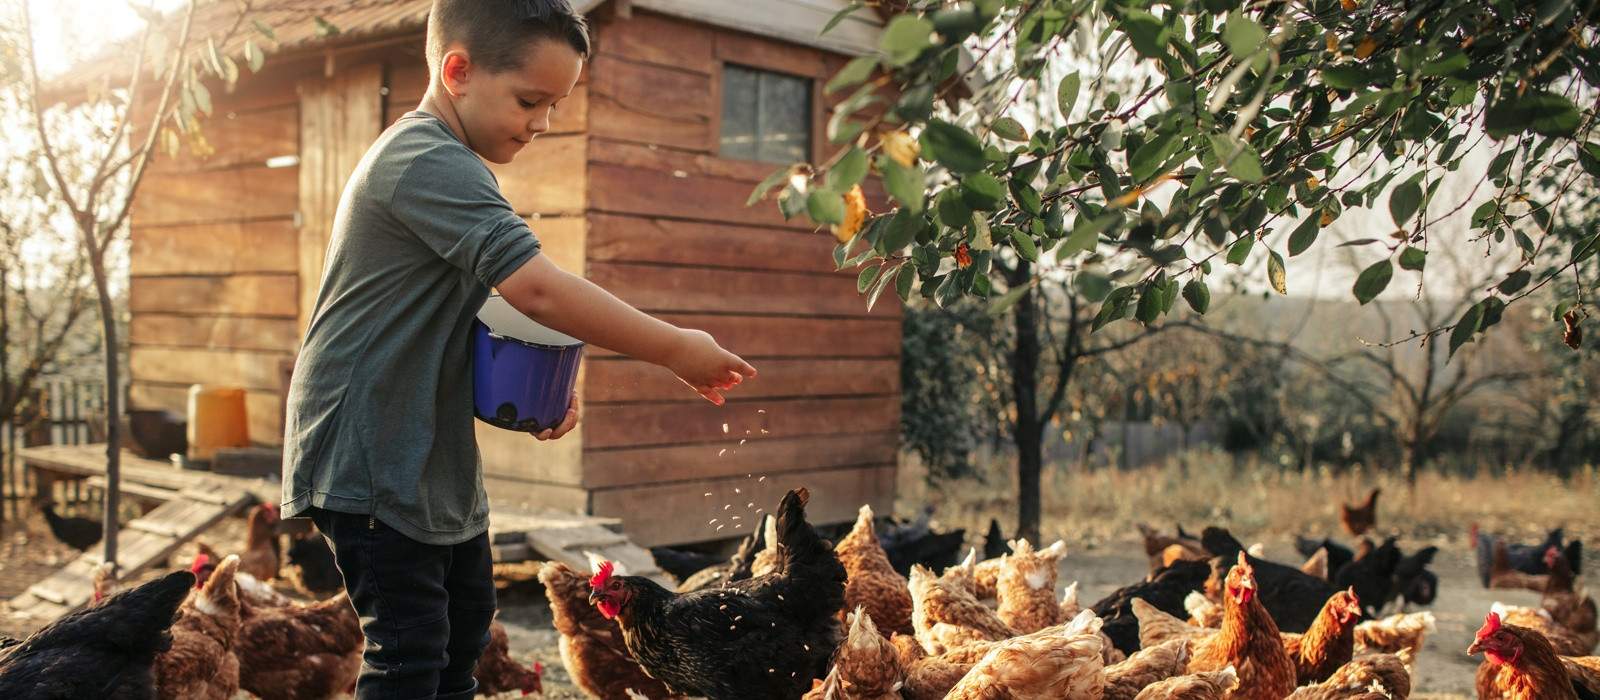 A young boy feeding chickens.